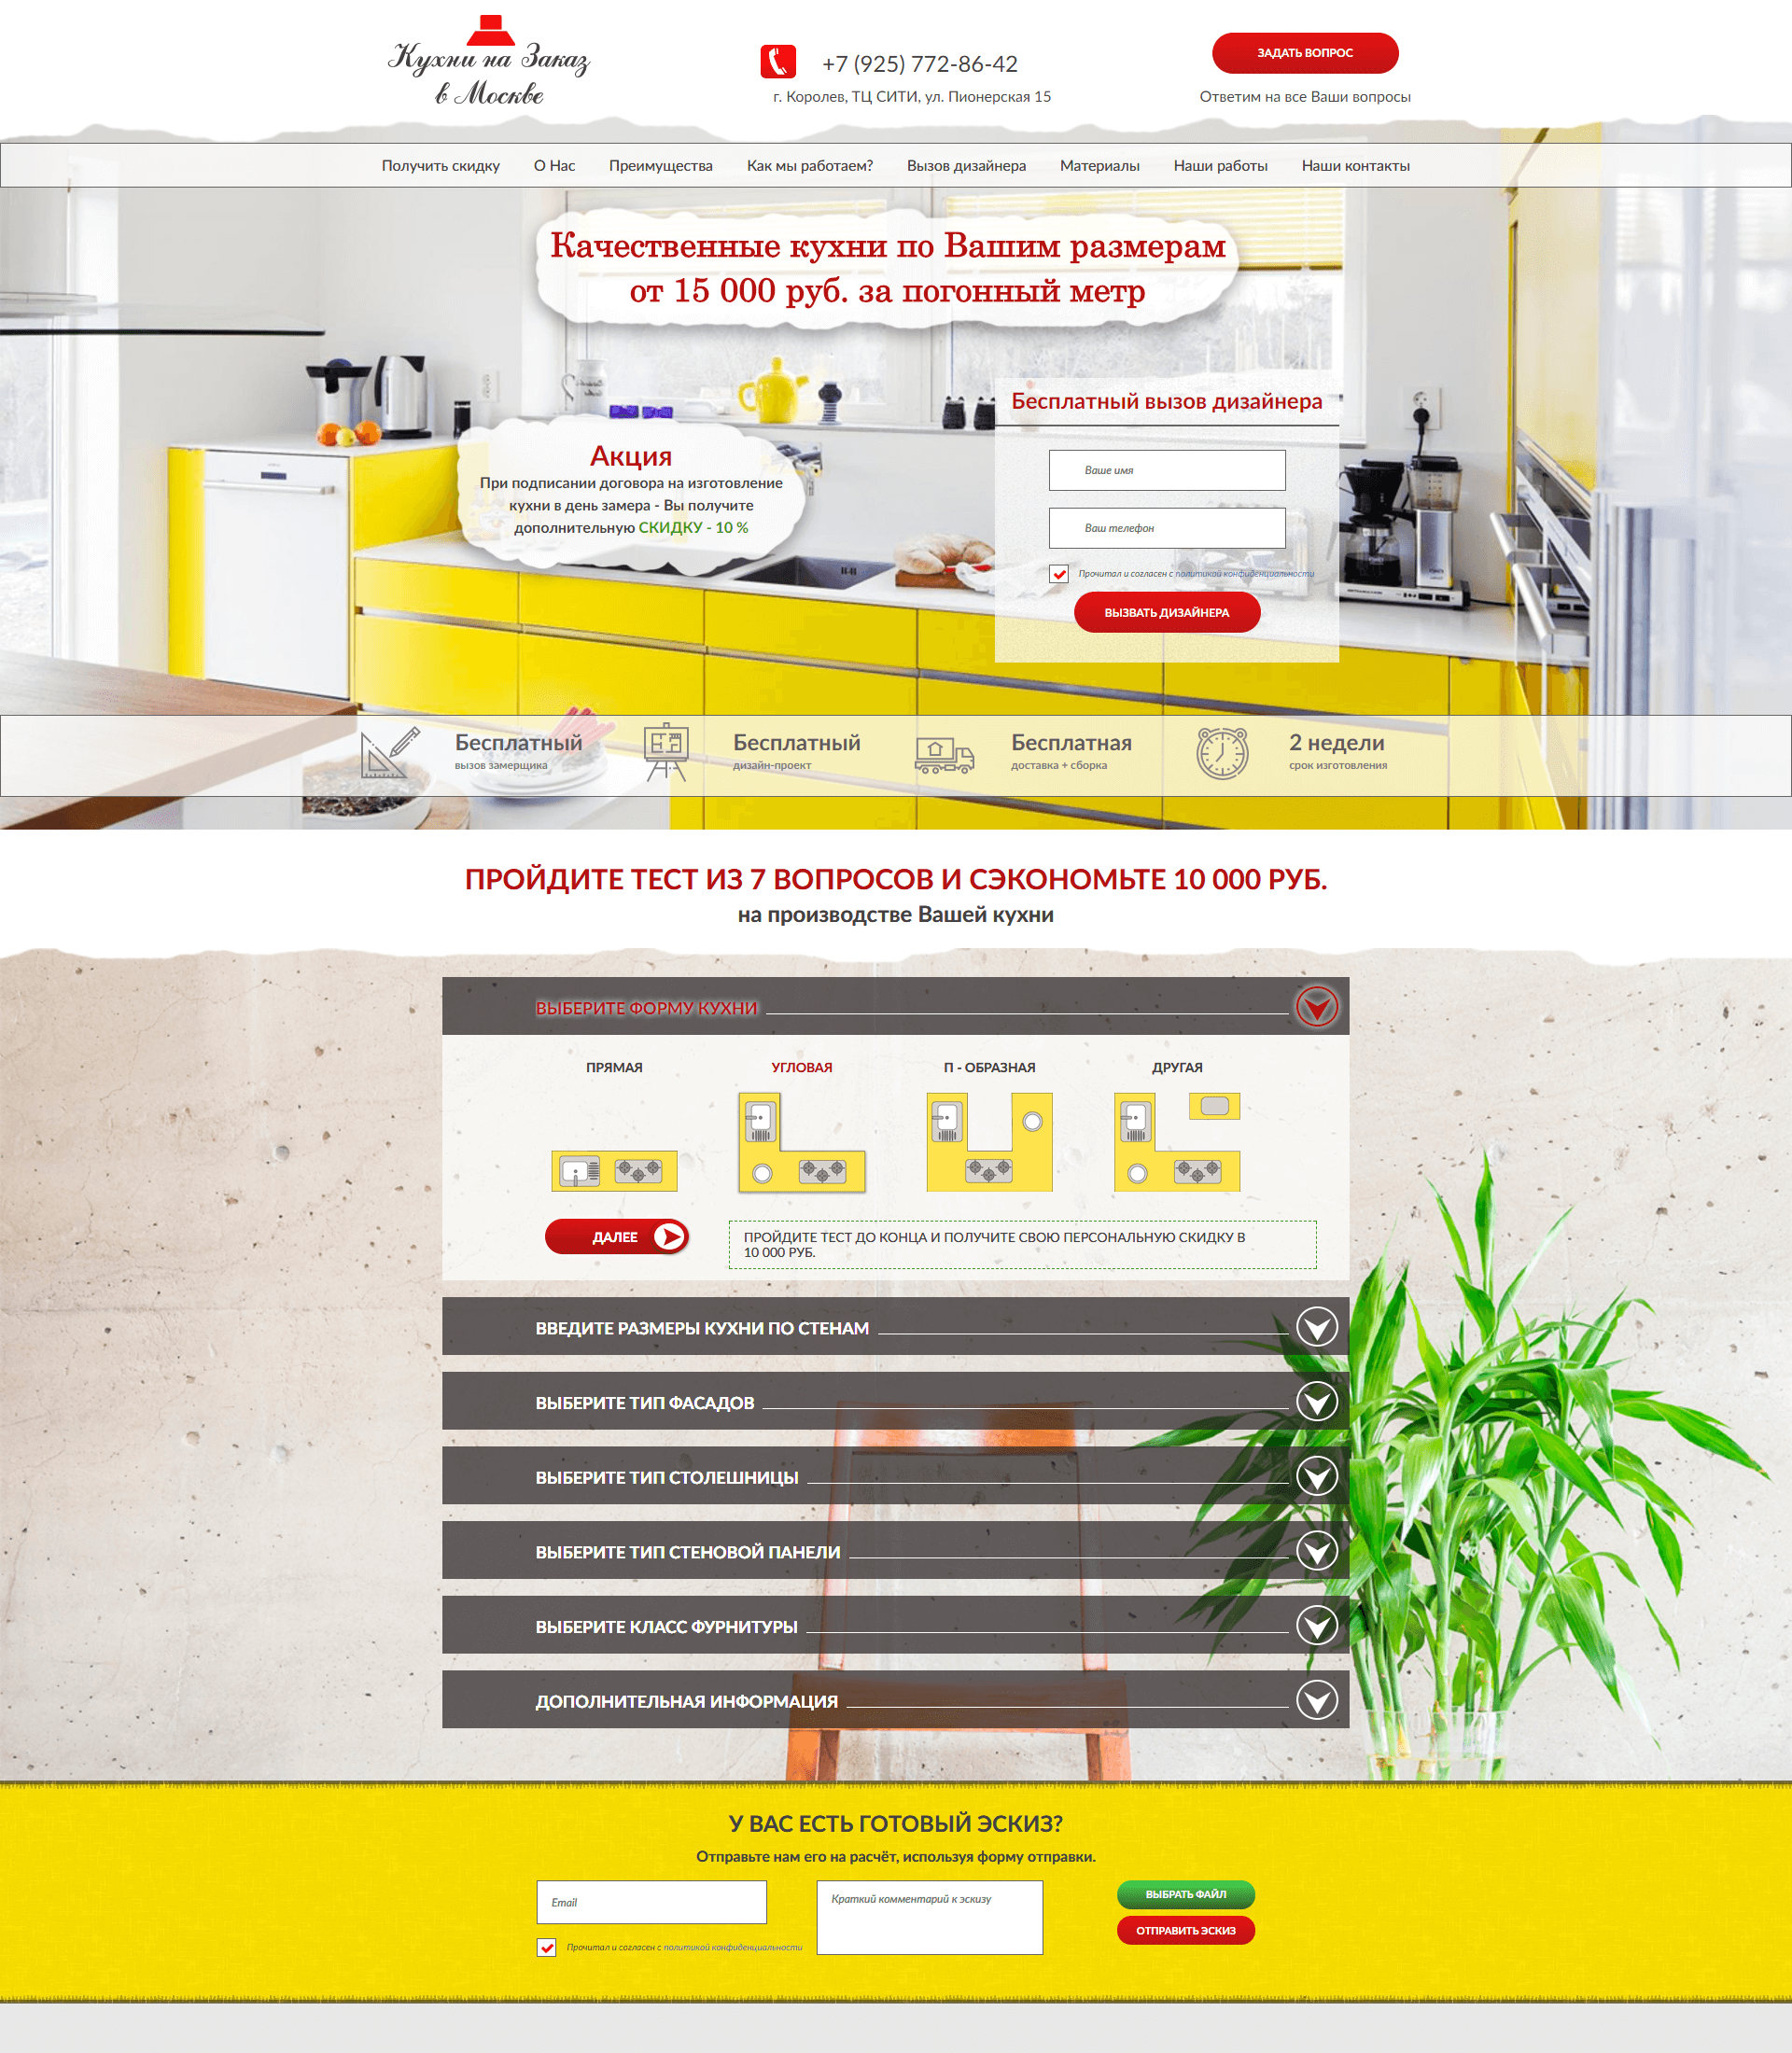 Контекстная реклама для landing page